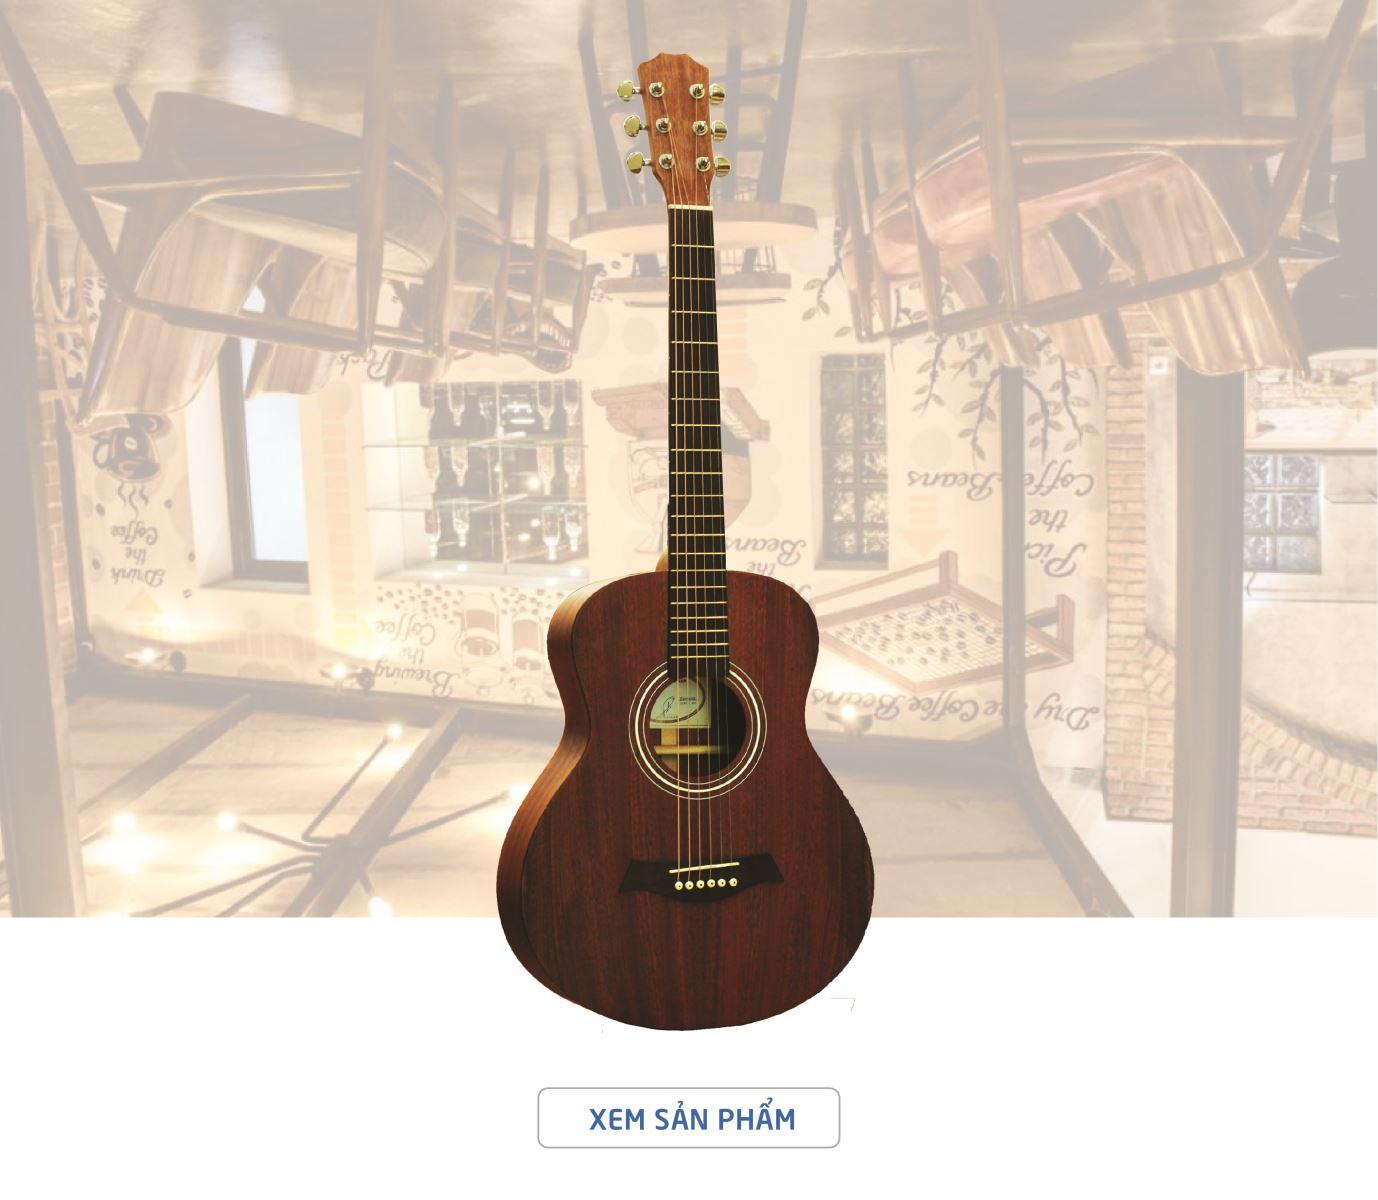 Việt Guitar Top 3 Cây Đàn Guitar Mini Cỡ Nhỏ Cho Trẻ Em Và Du Lịch